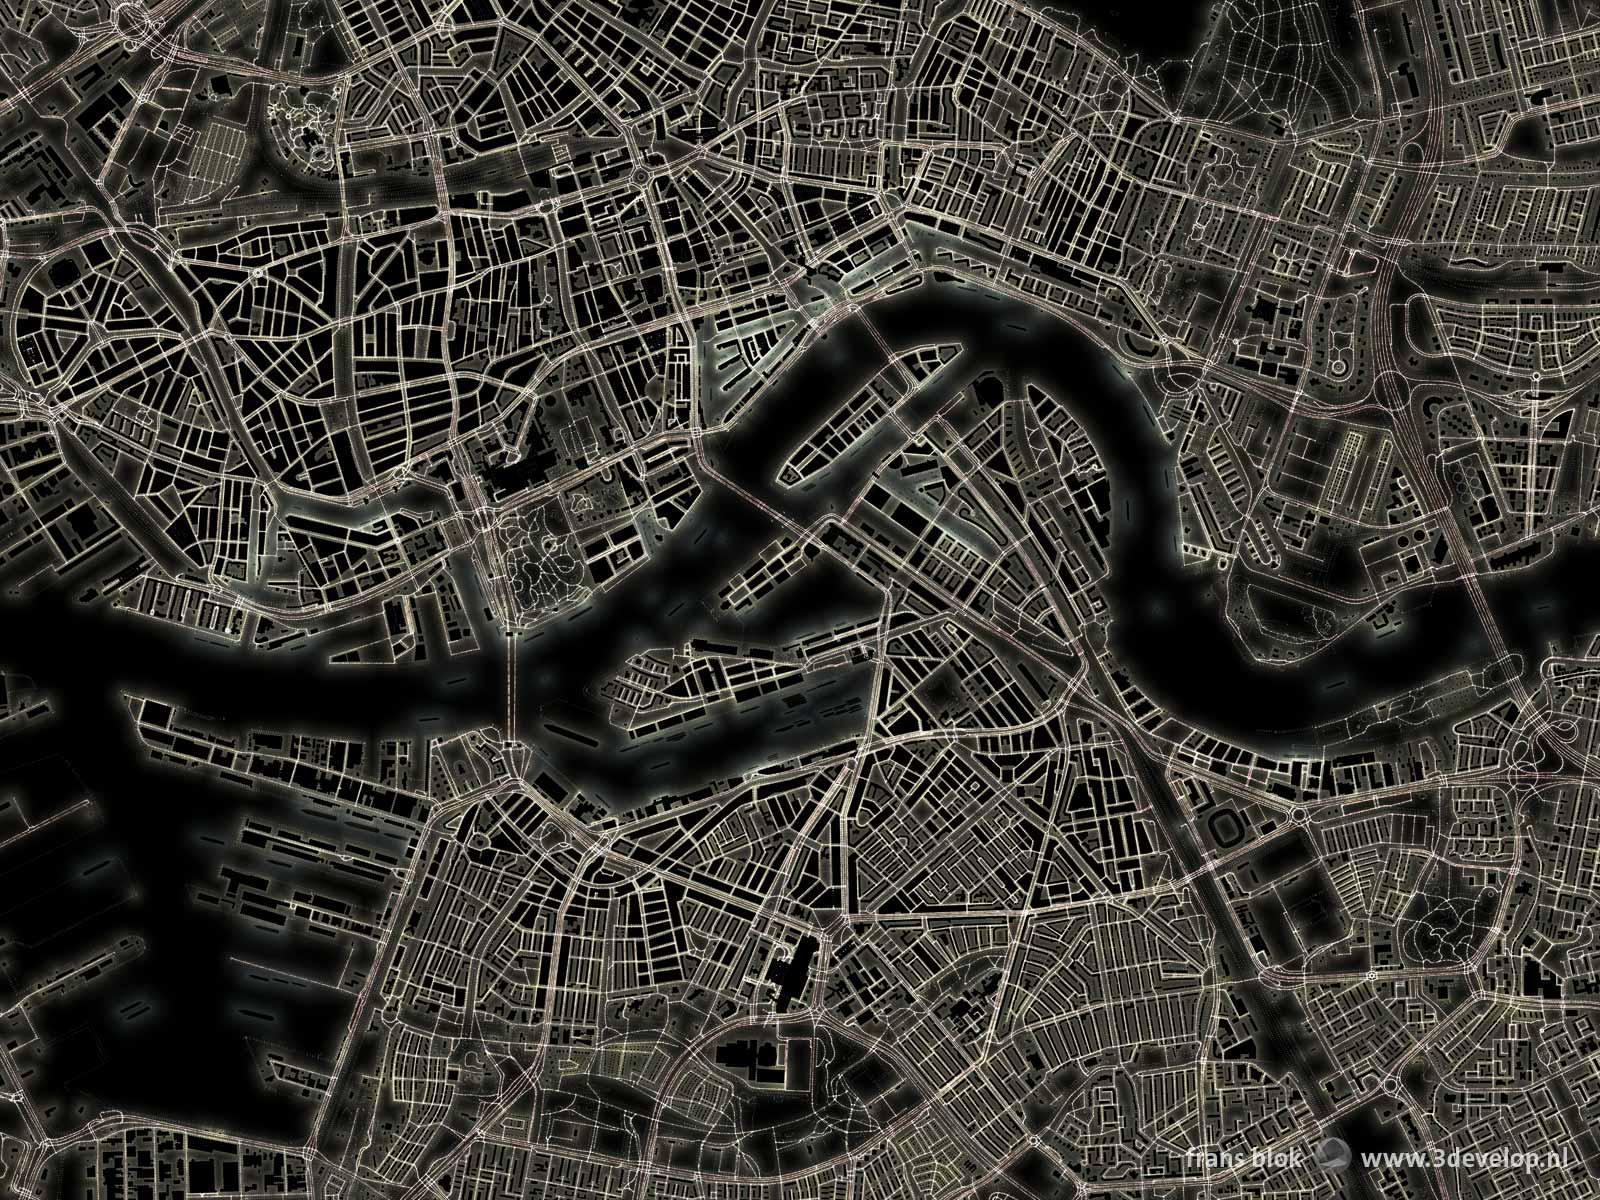 De lichtkaart van Rotterdam, een plattegrond van het centrum en wijde omgeving die de stad laat zien als netwerk van lichte lijnen en plekken tegen een donkere achtergrond